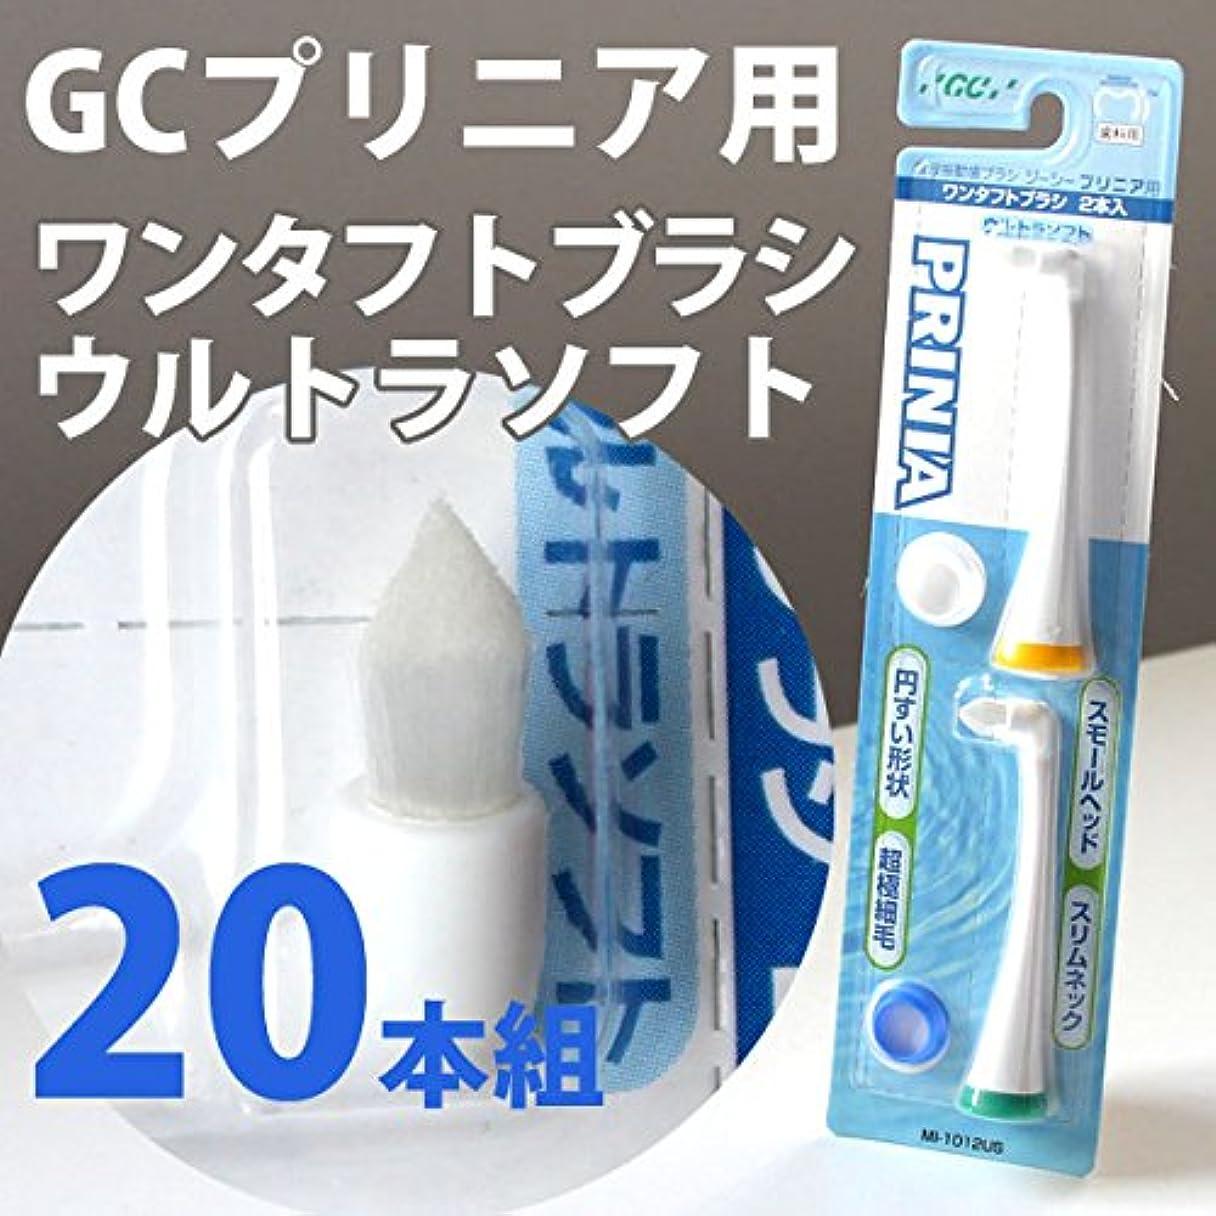 海外バルク要求するプリニア ワンタフト GC 音波振動歯ブラシ プリニアスリム 替えブラシ ブラシ(ウルトラソフト) 10セットル便